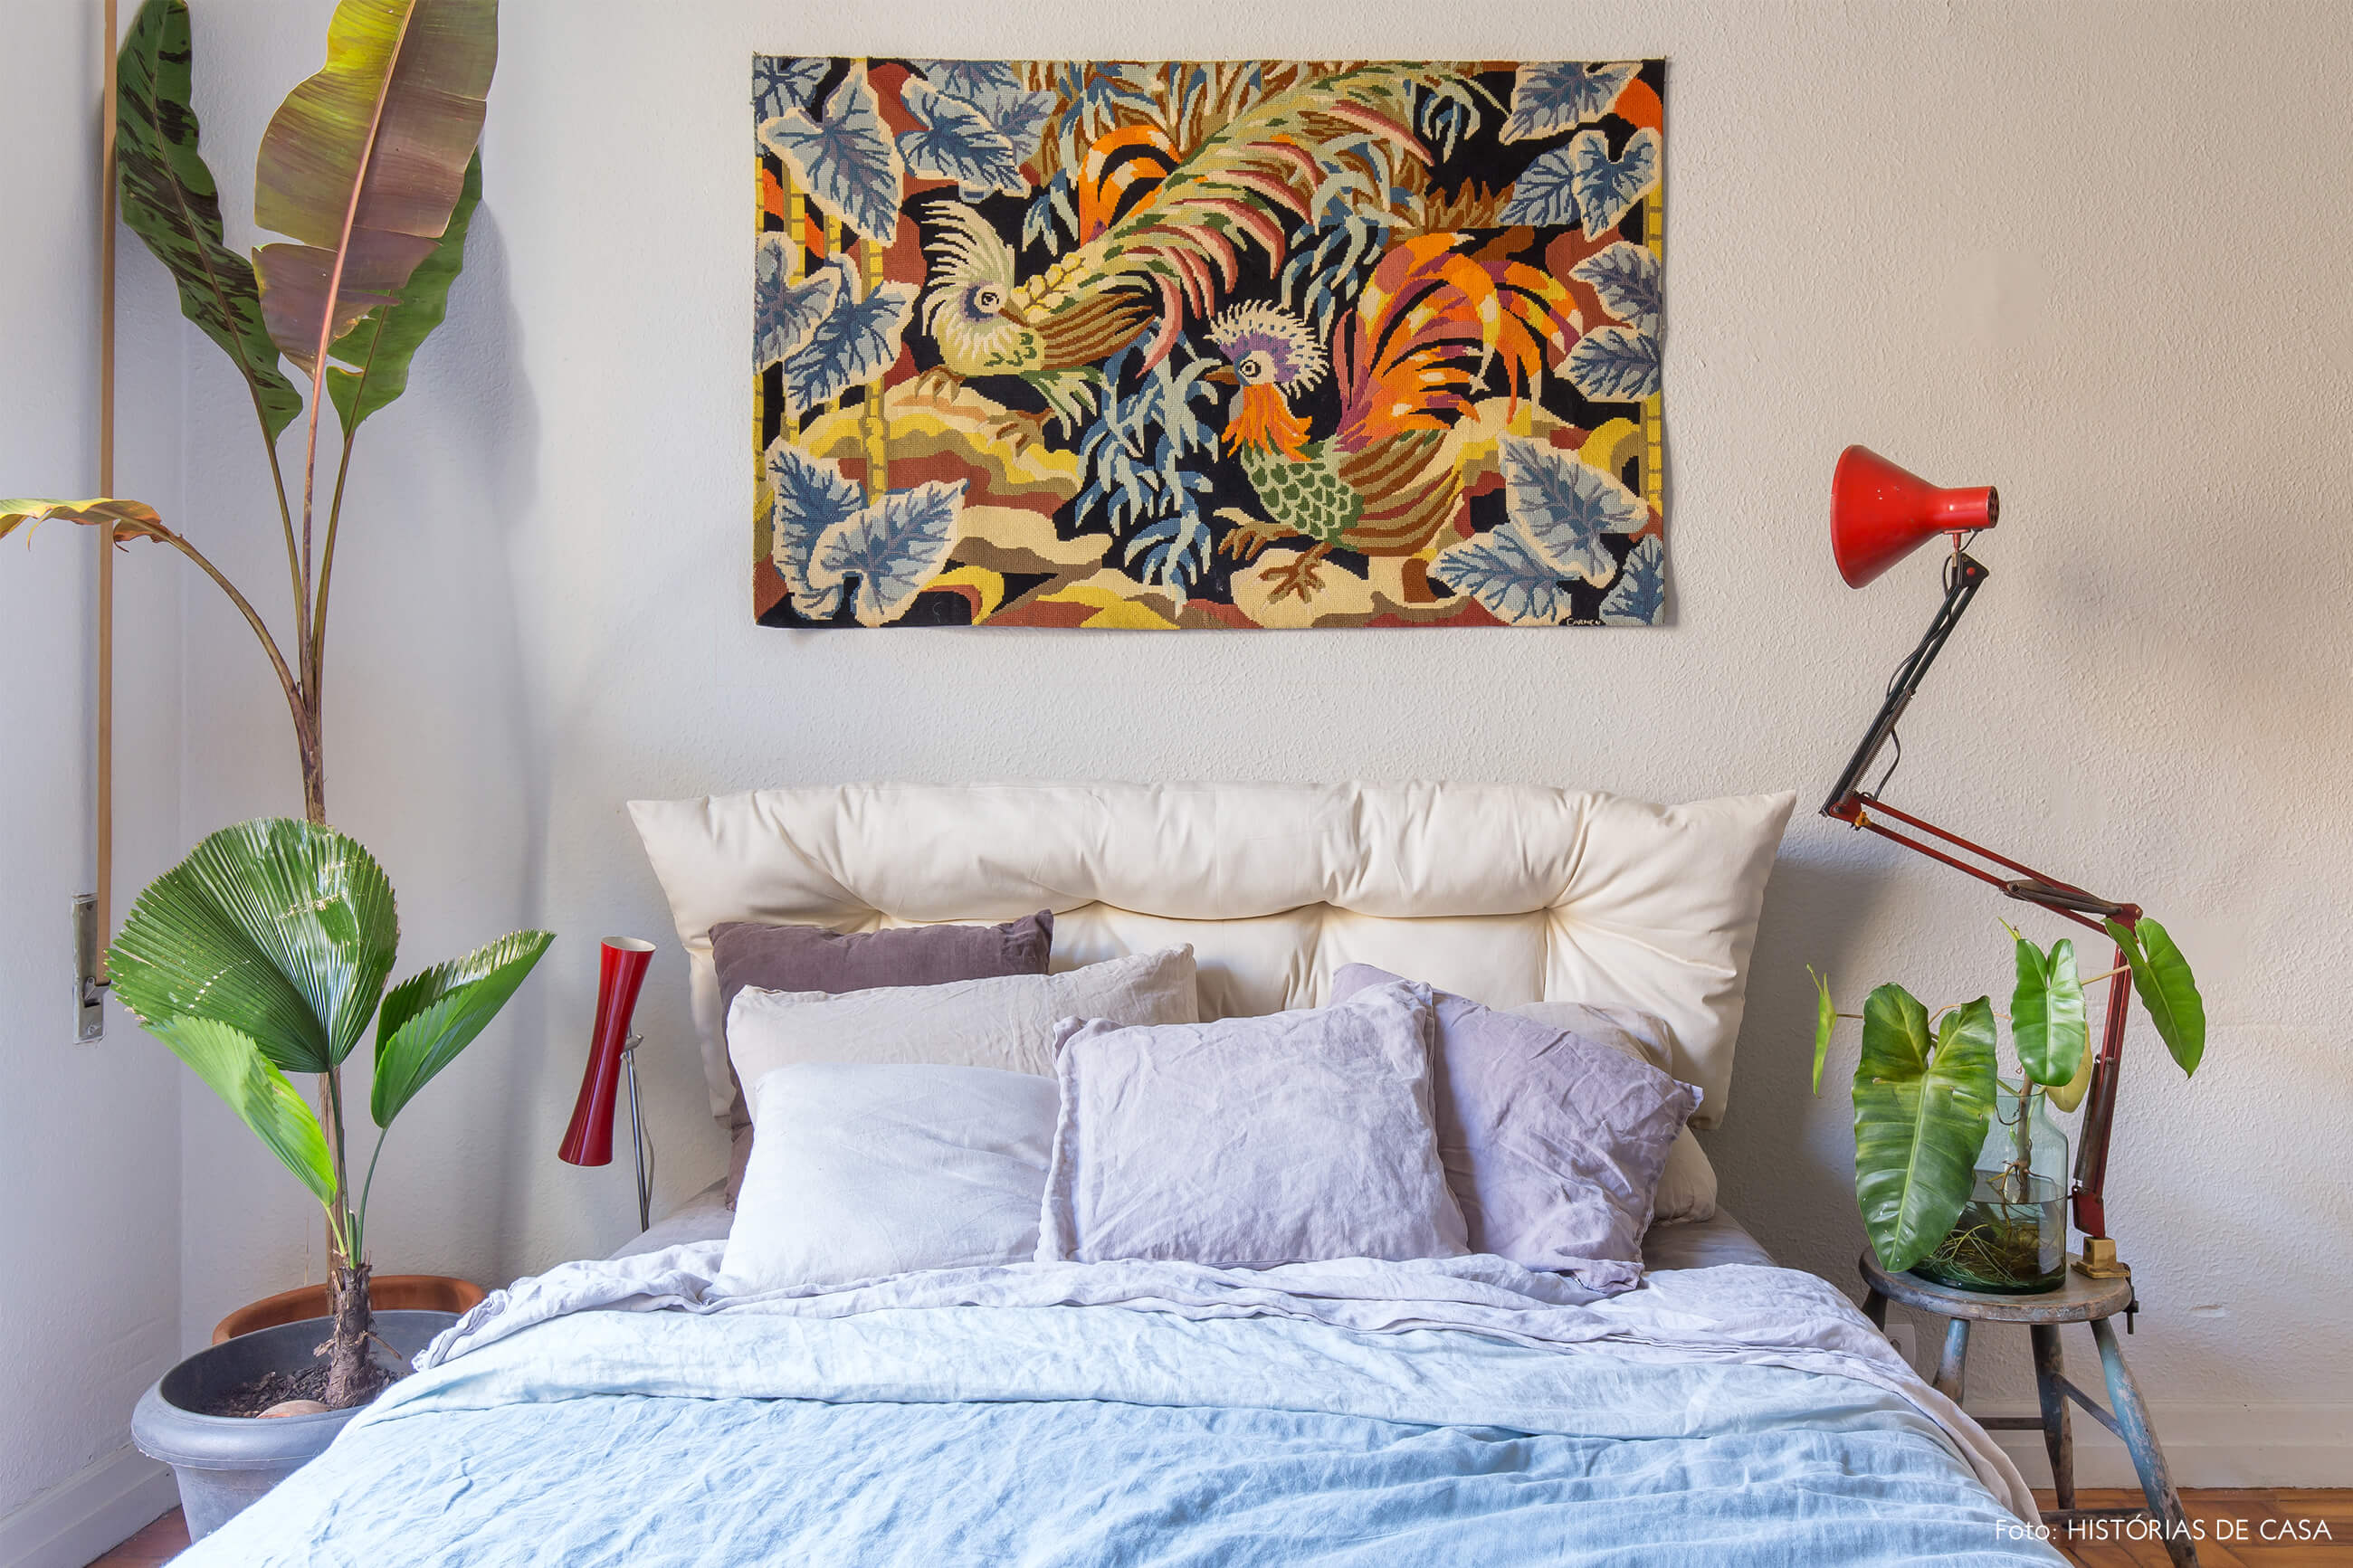 quarto cama lençol azul luminária vermelha